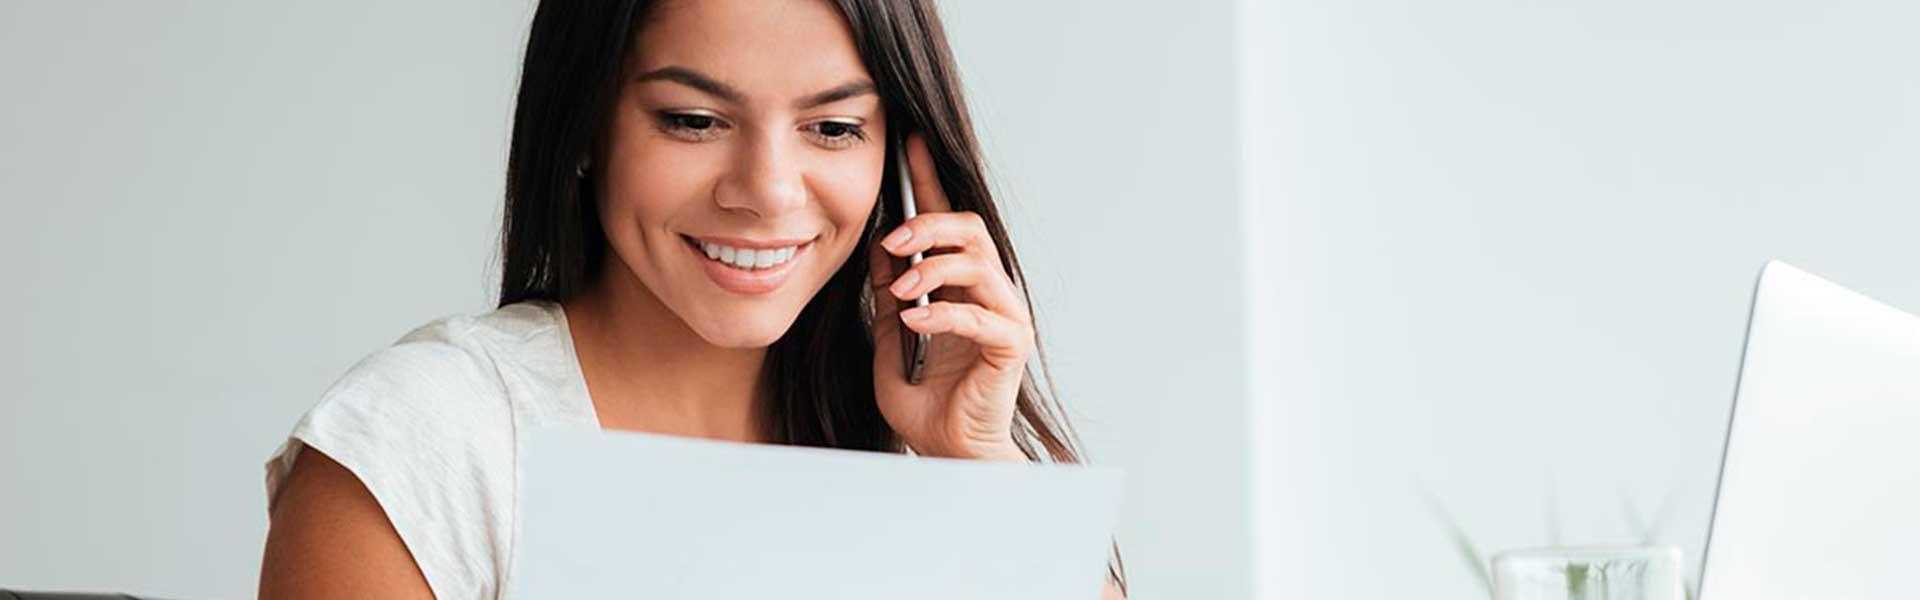 gestora a consultar a ies (Informação Empresarial Simplificada ) no papel enquanto conversa ao telemóvel e com o laptop aberto na secretária